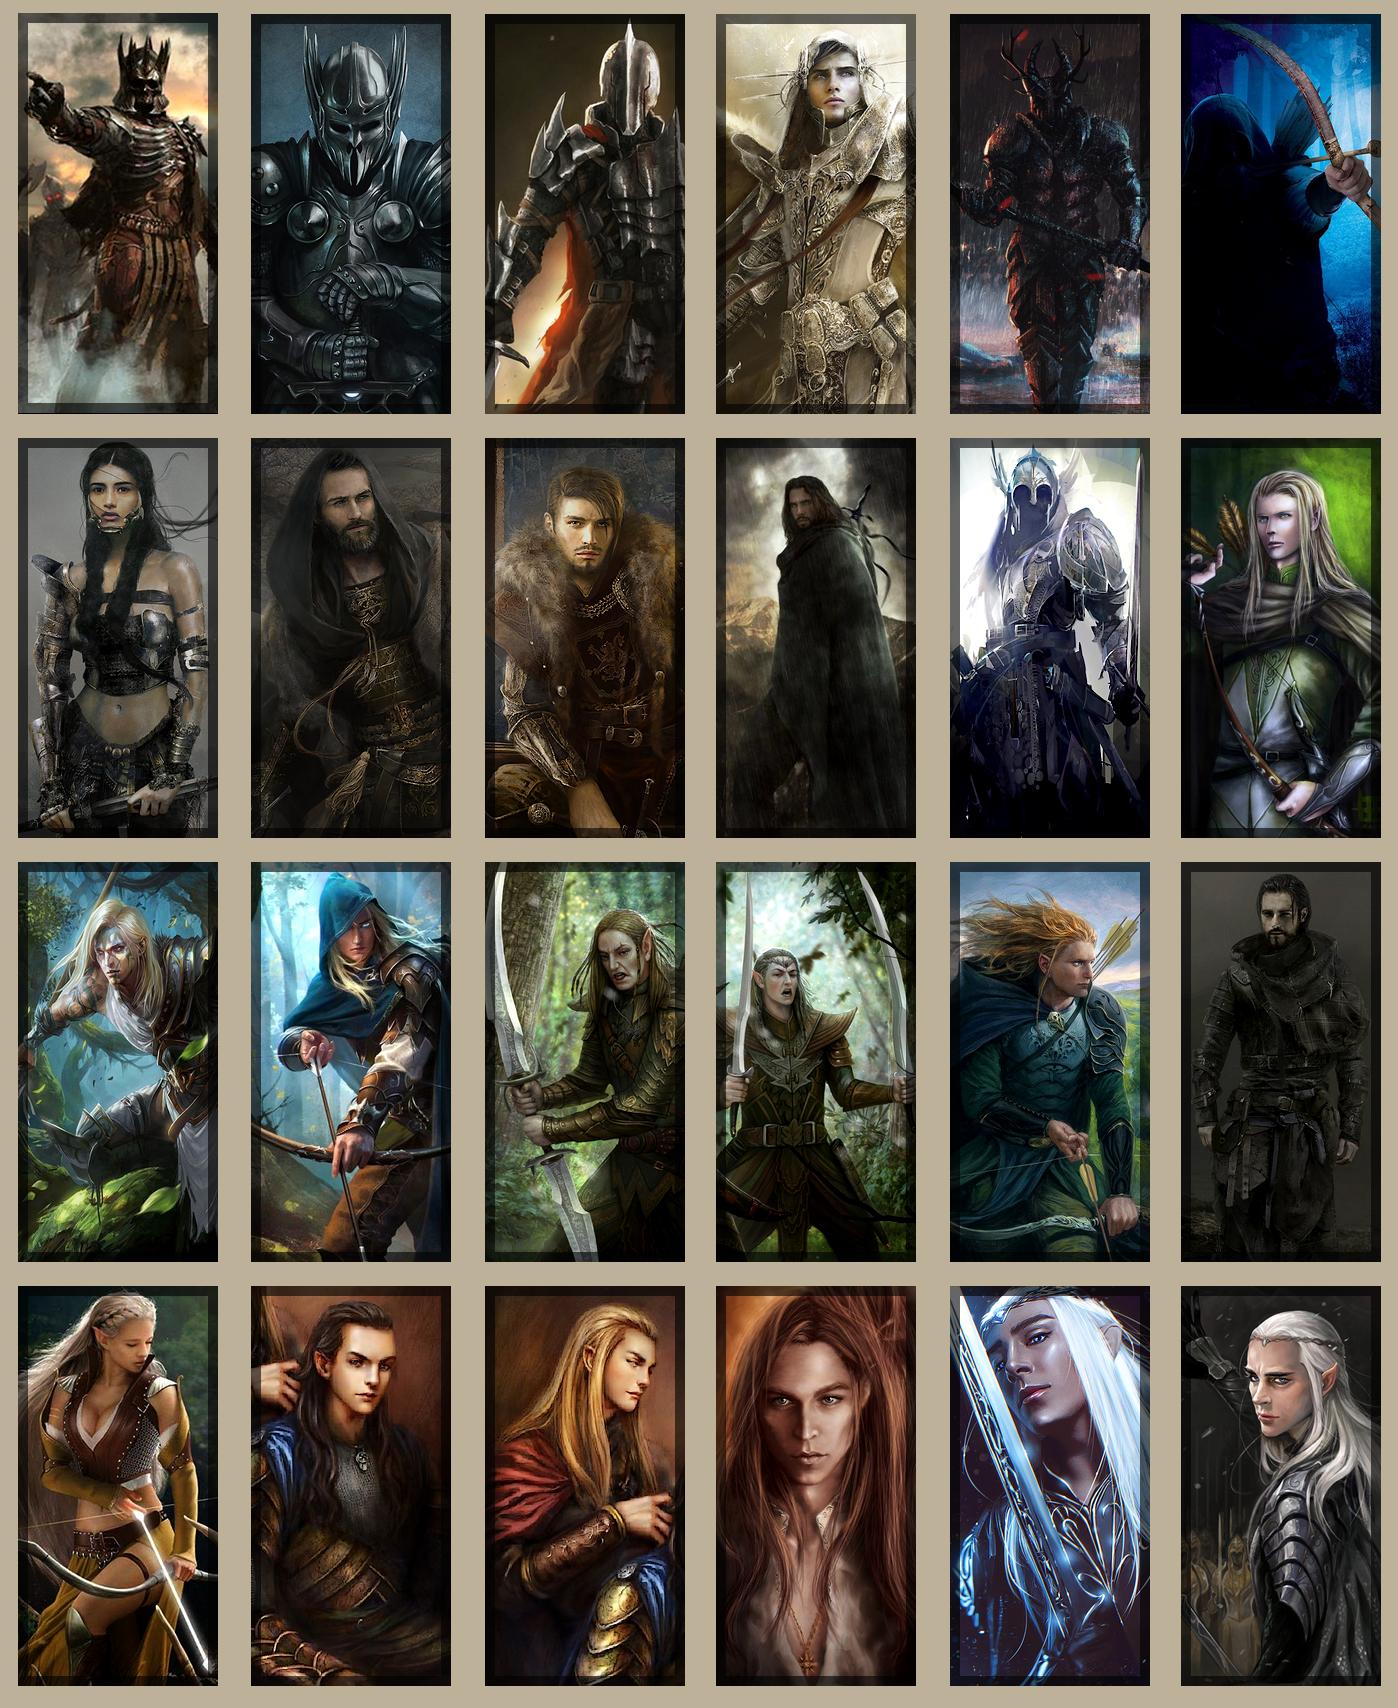 Galerie d'avatars - Inspiration et idées de personnage 665713avatars3